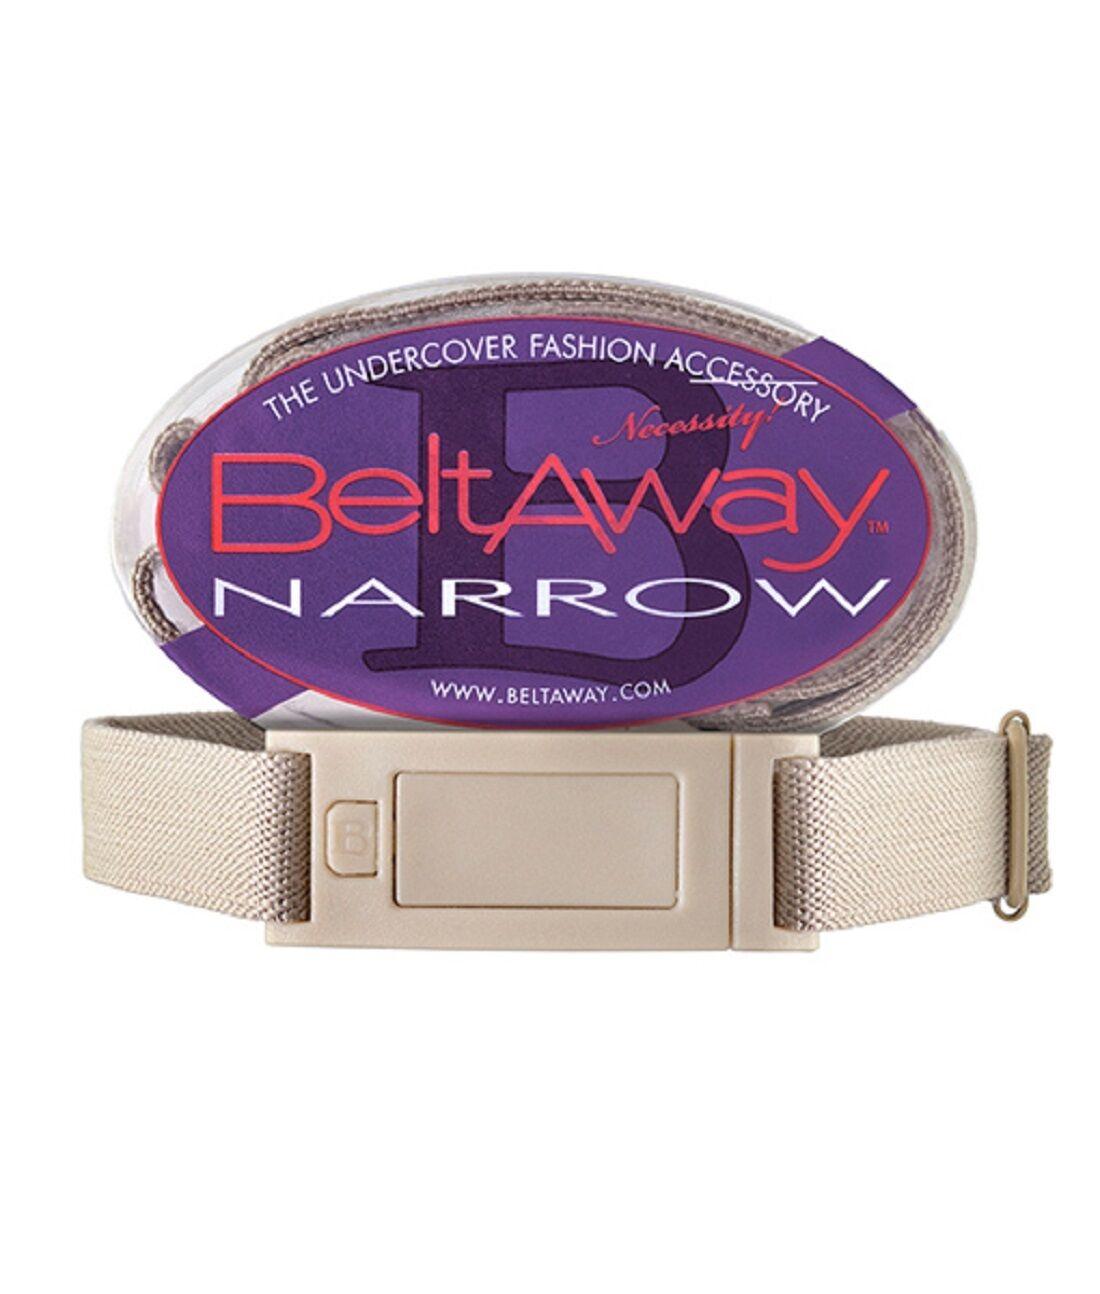 Beltaway Flat Buckle Elastic Women's Belt One size (0 14) NARROW   eBay